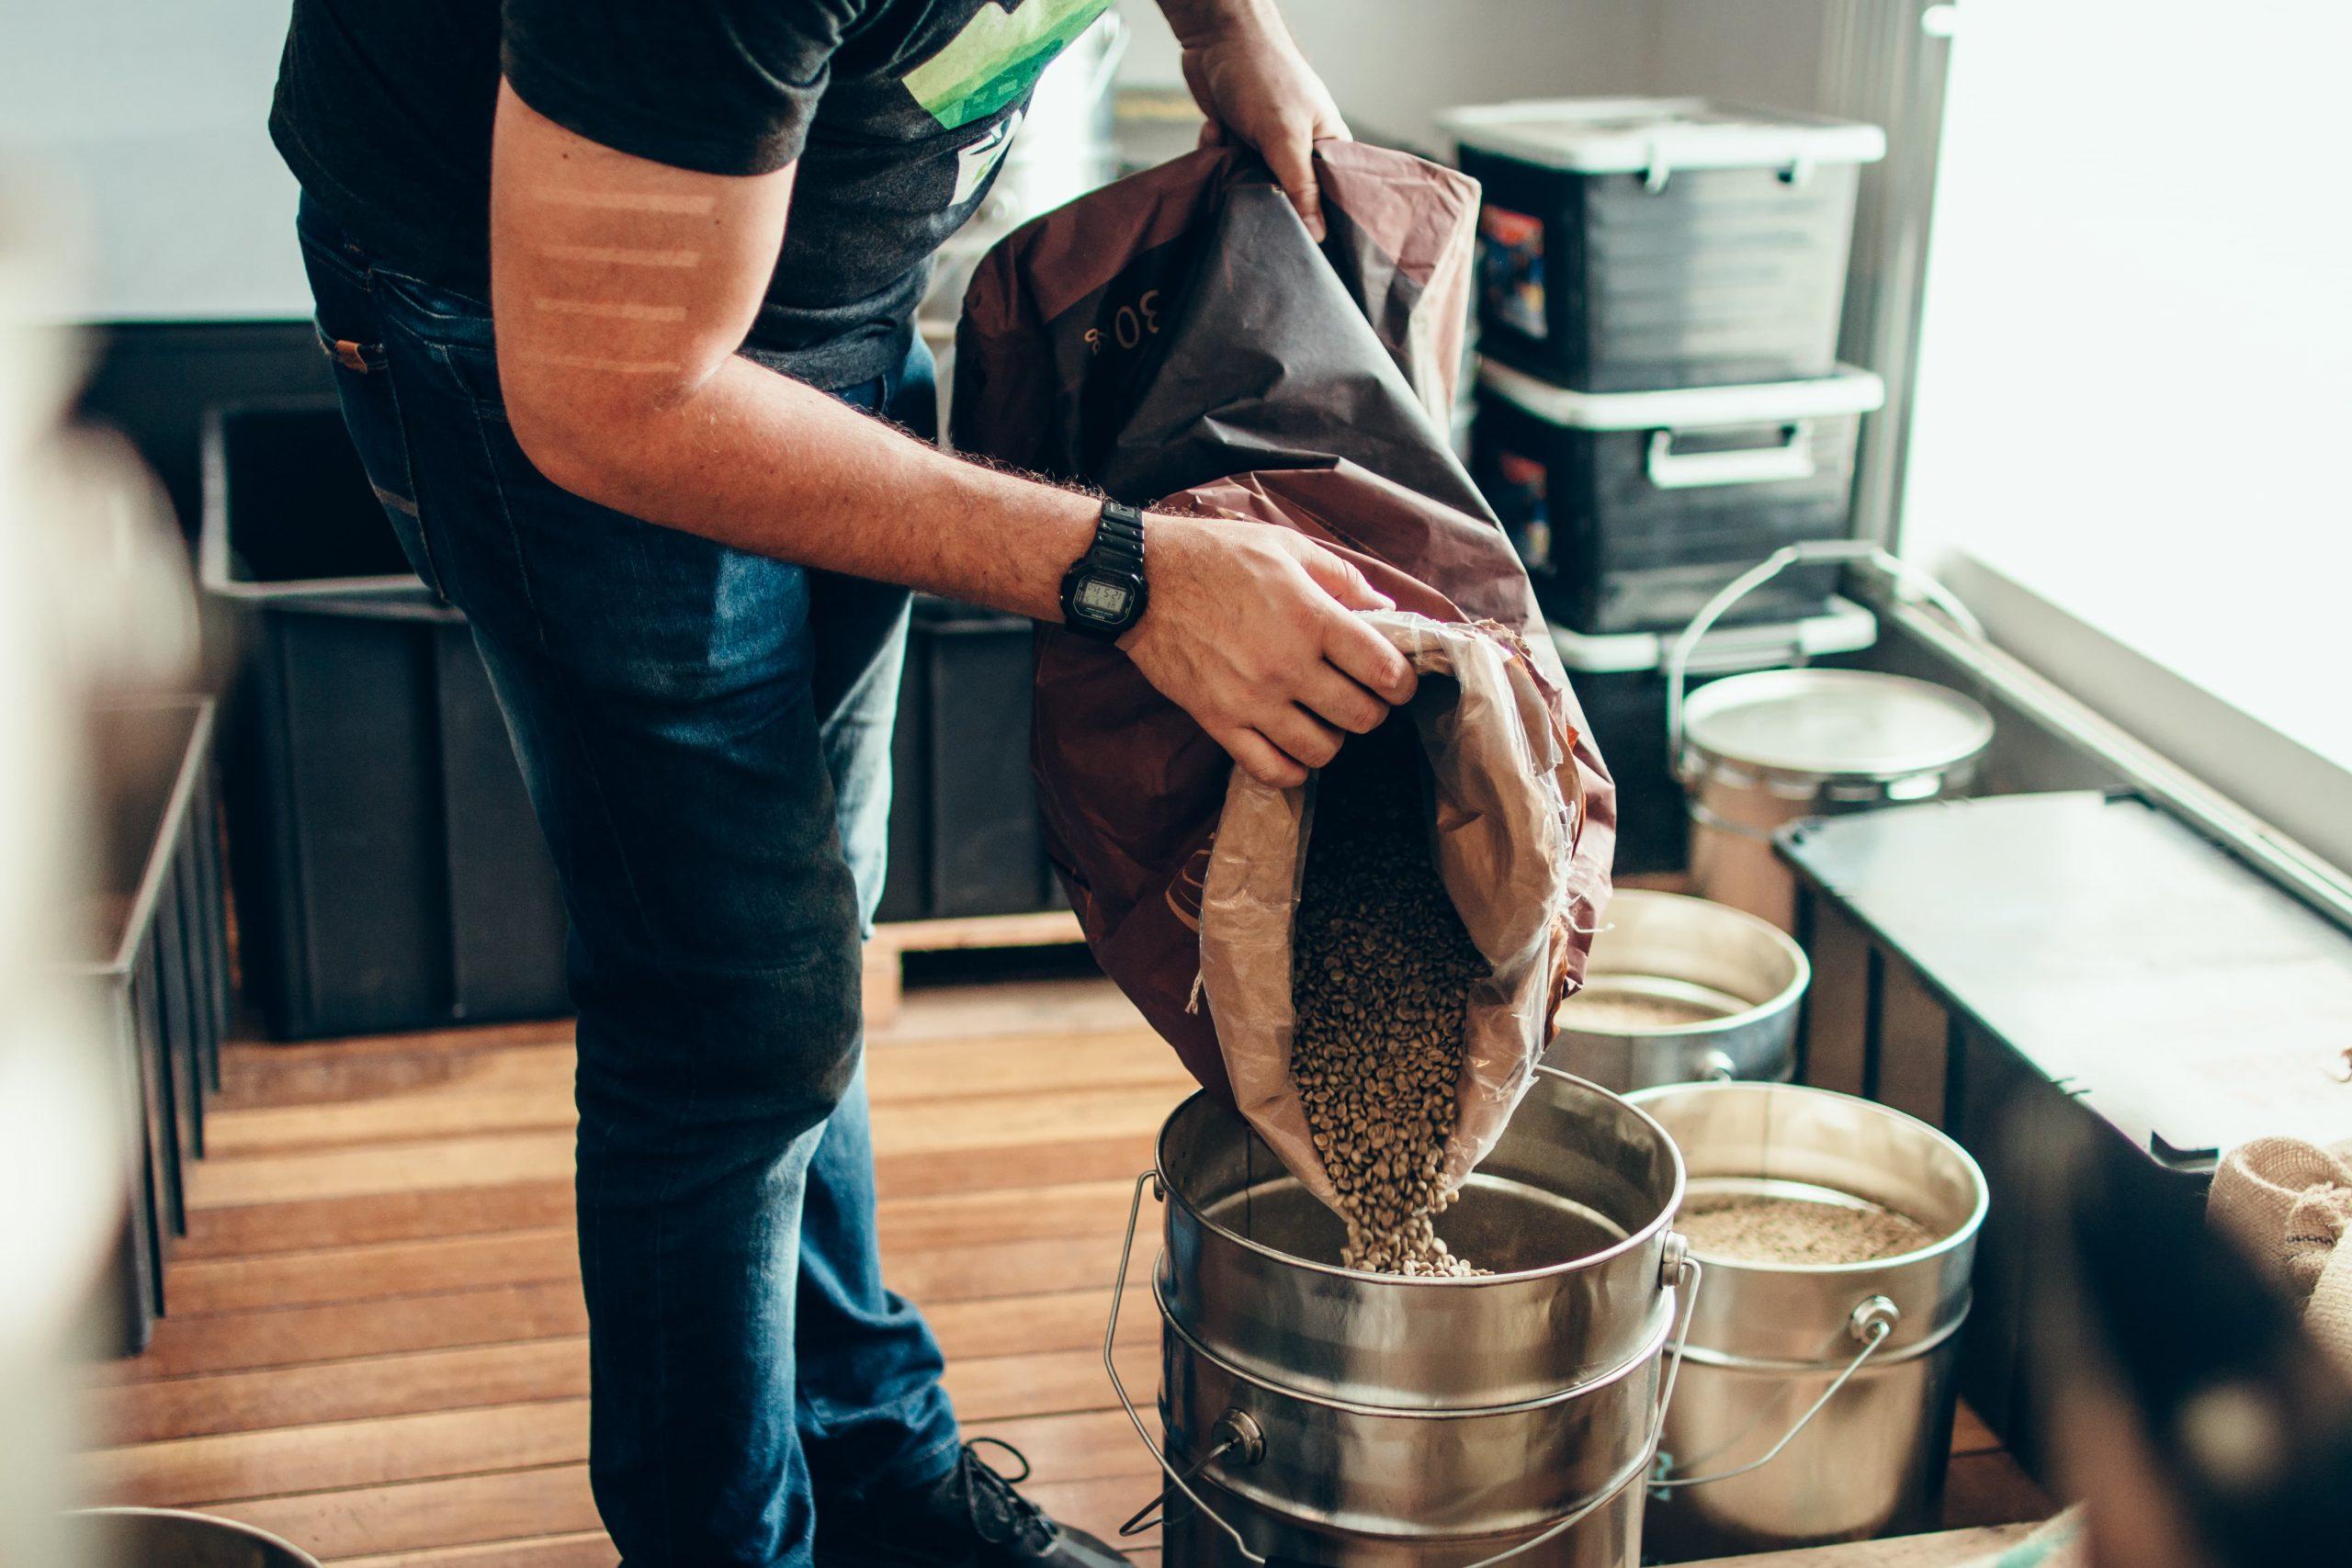 Homem despejando grão de café em lata de metal com alça.